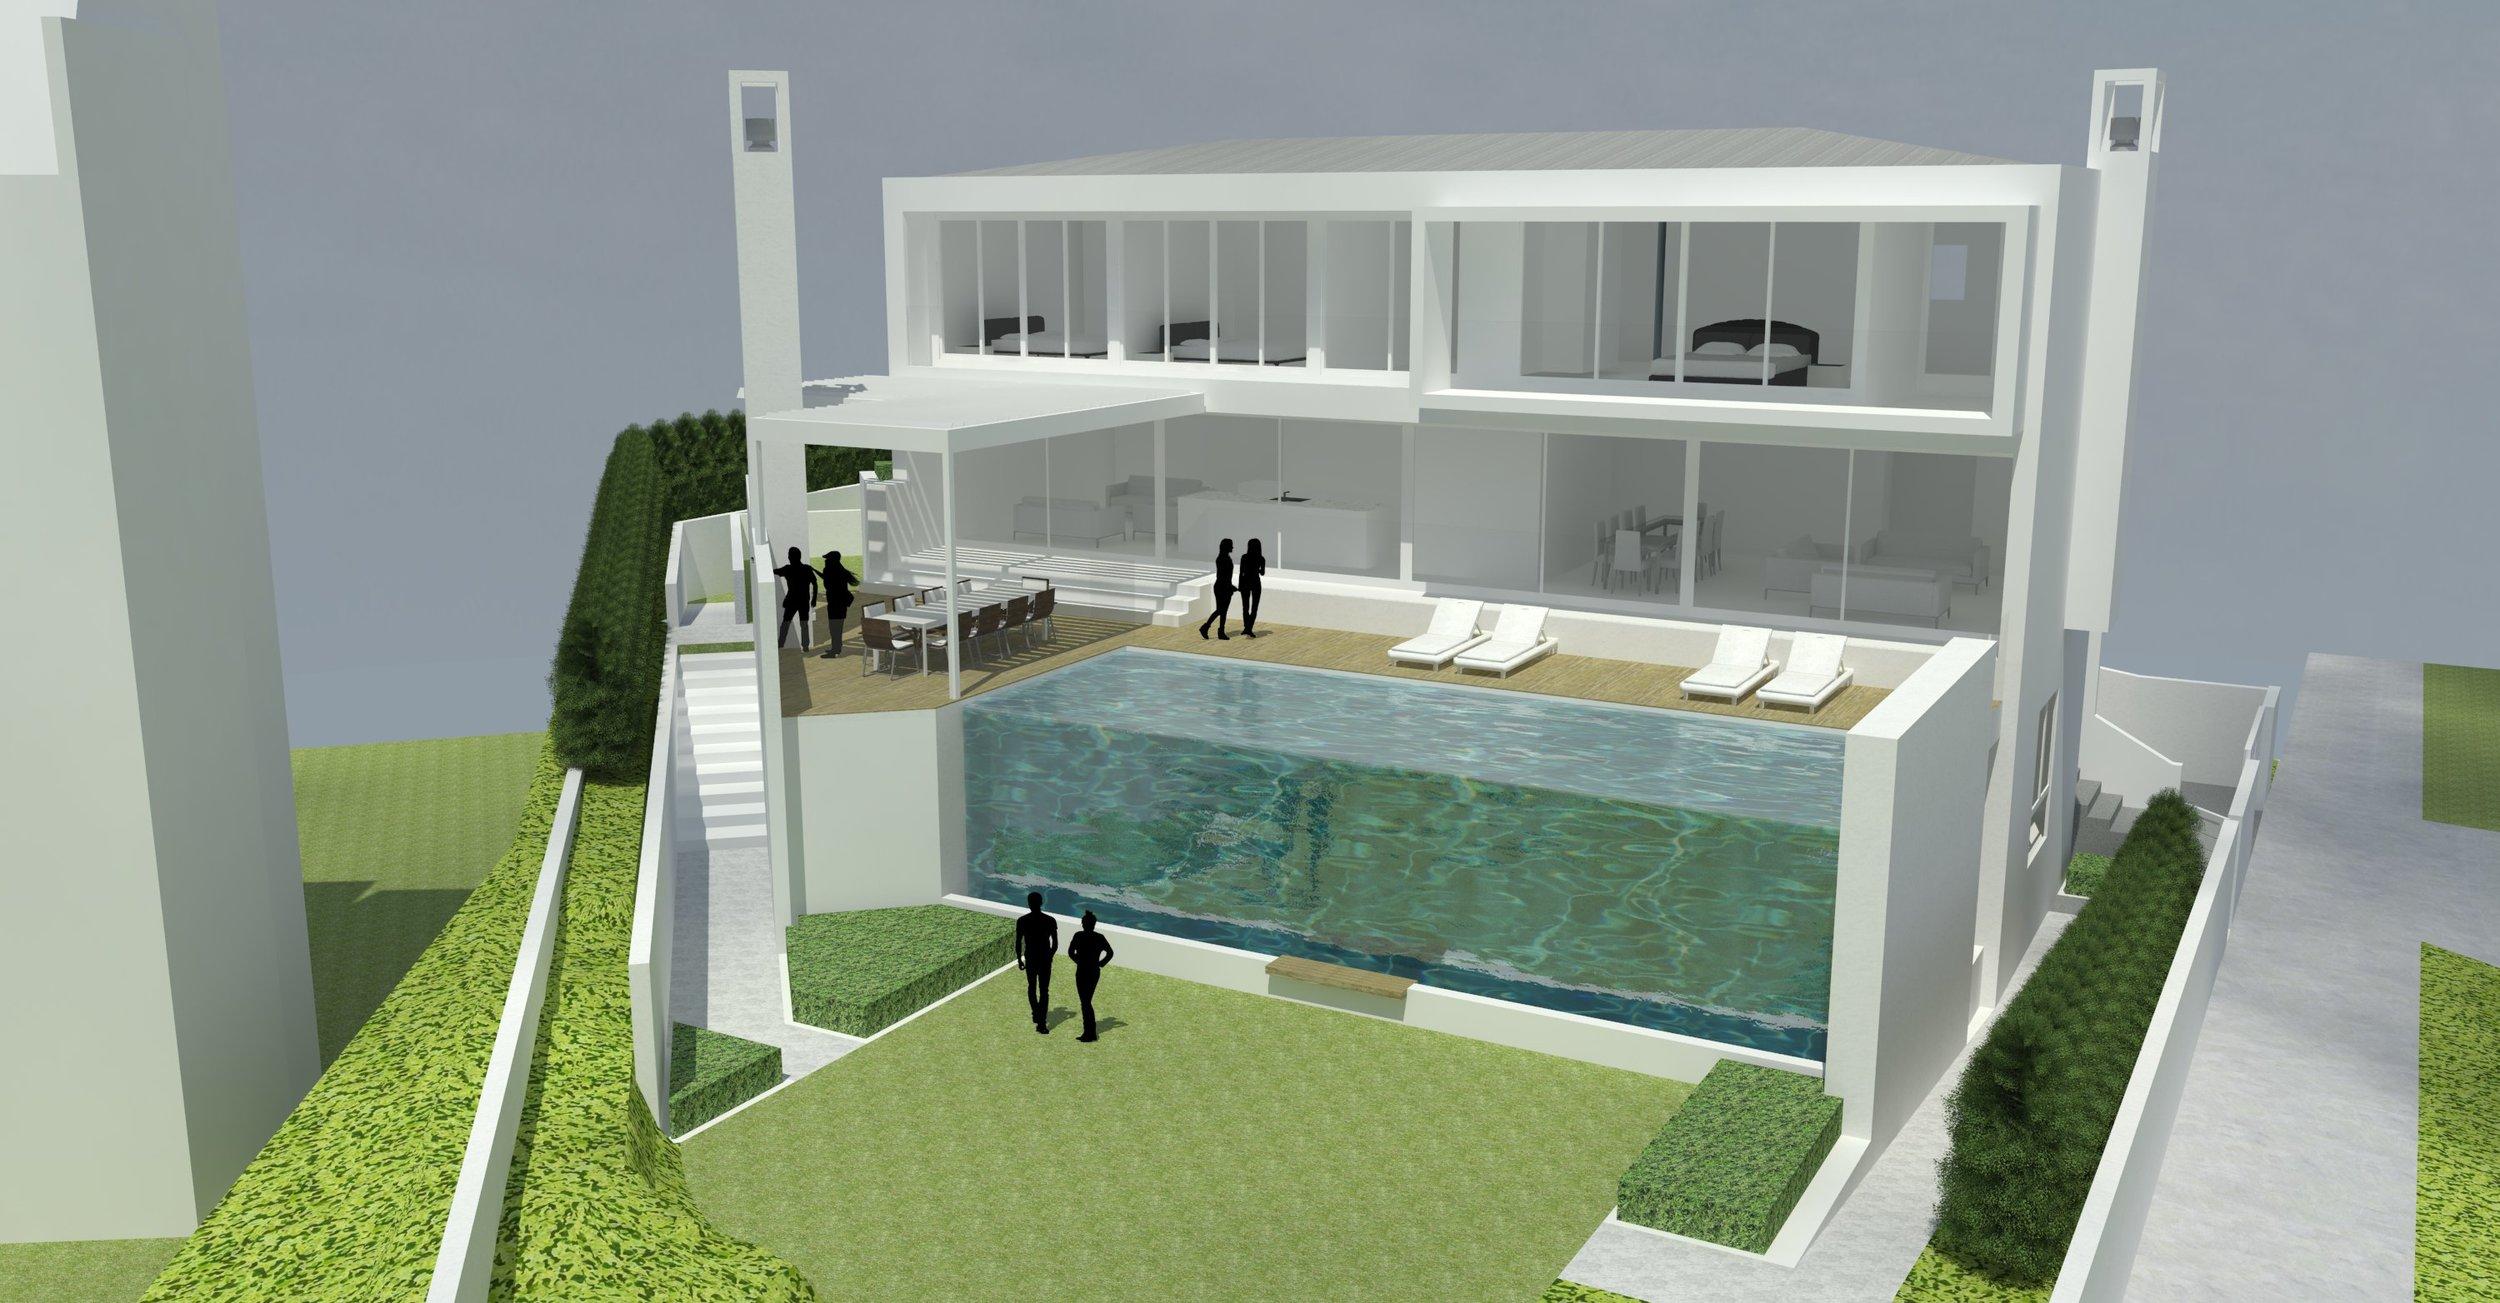 Brookefields - Pool Terrace View 1_Rev B.jpg 1.jpg